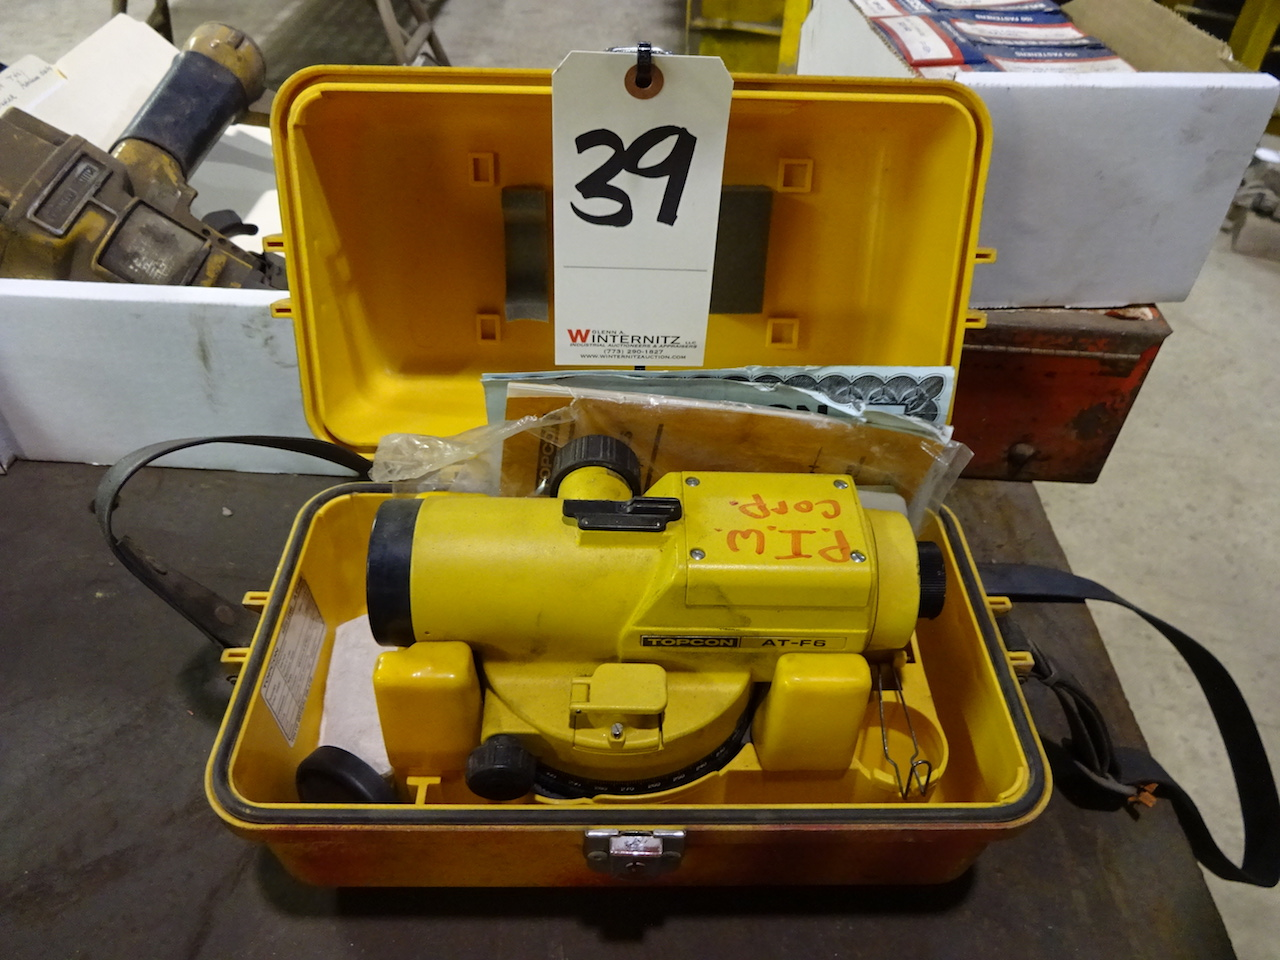 Lot 39 - Topcon Model AT-F6 Auto Level